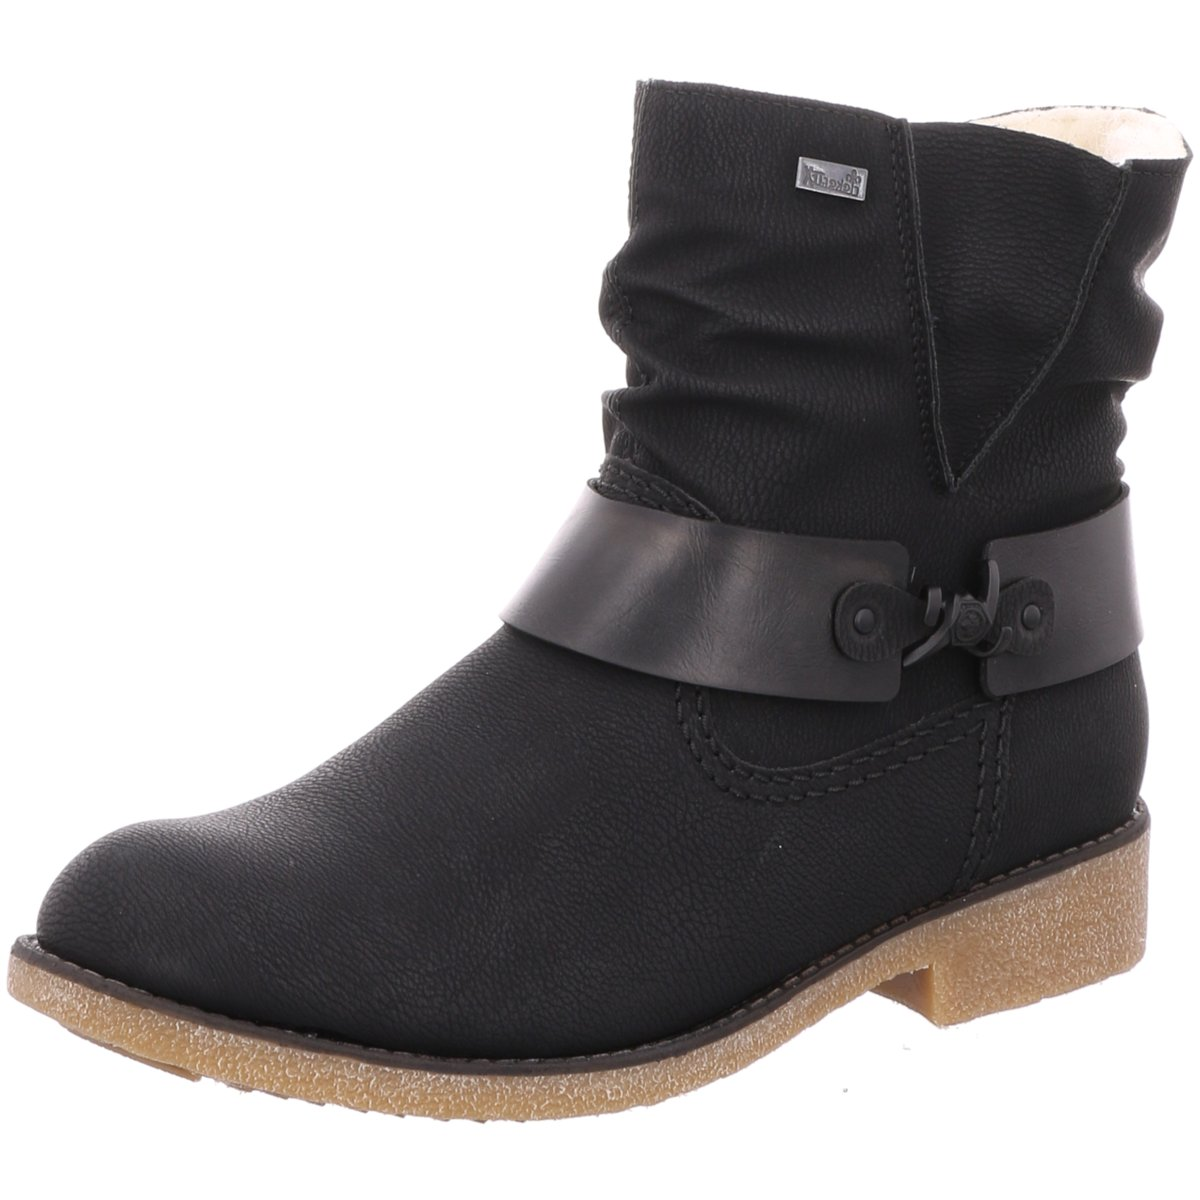 Rieker Schuhe Stiefelette 76736 01 schwarz schwarz NEU